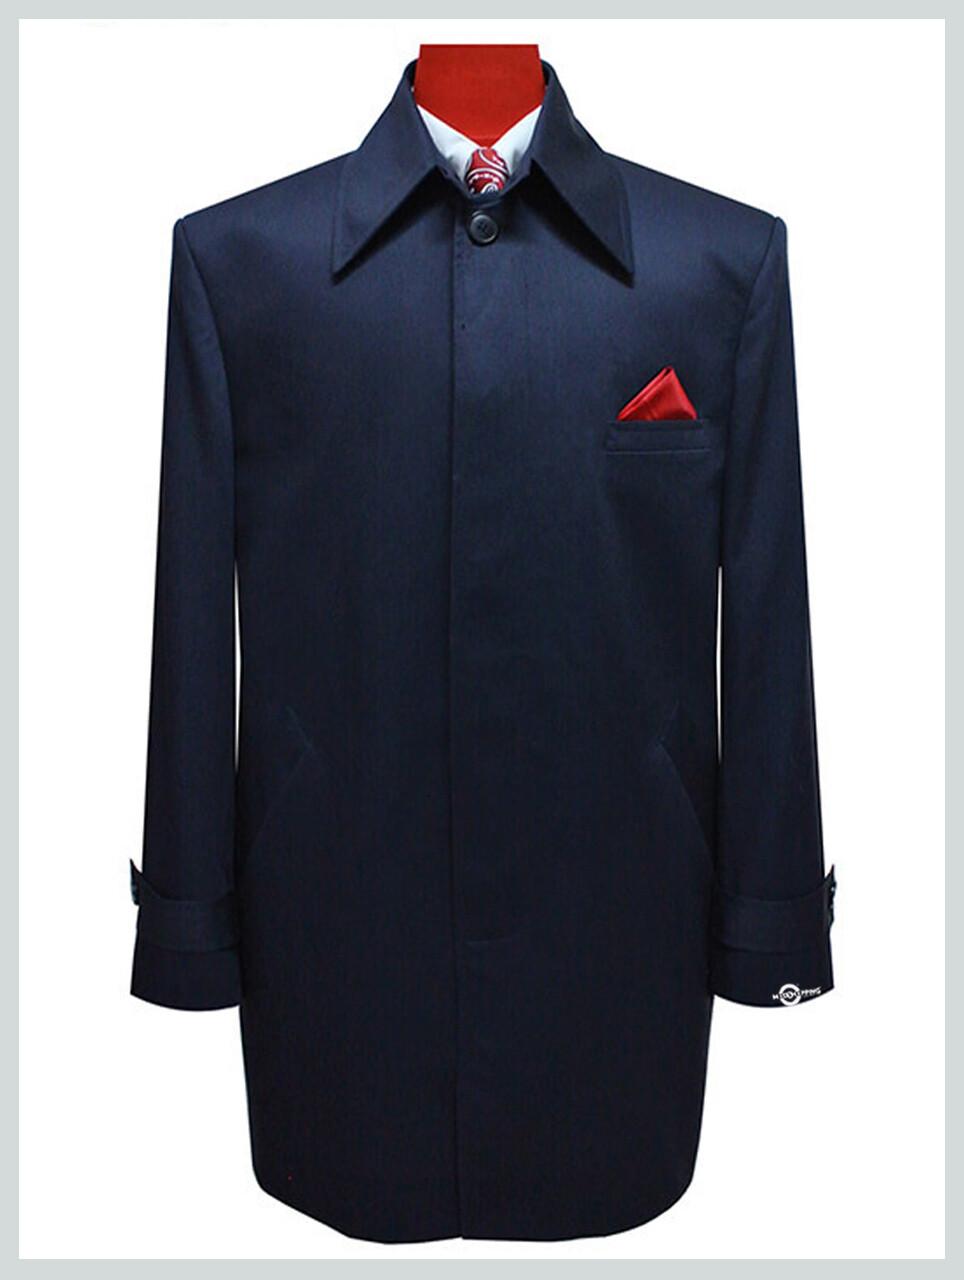 Tailor Made Vintage Style Original Navy Blue Mac Coat For Men